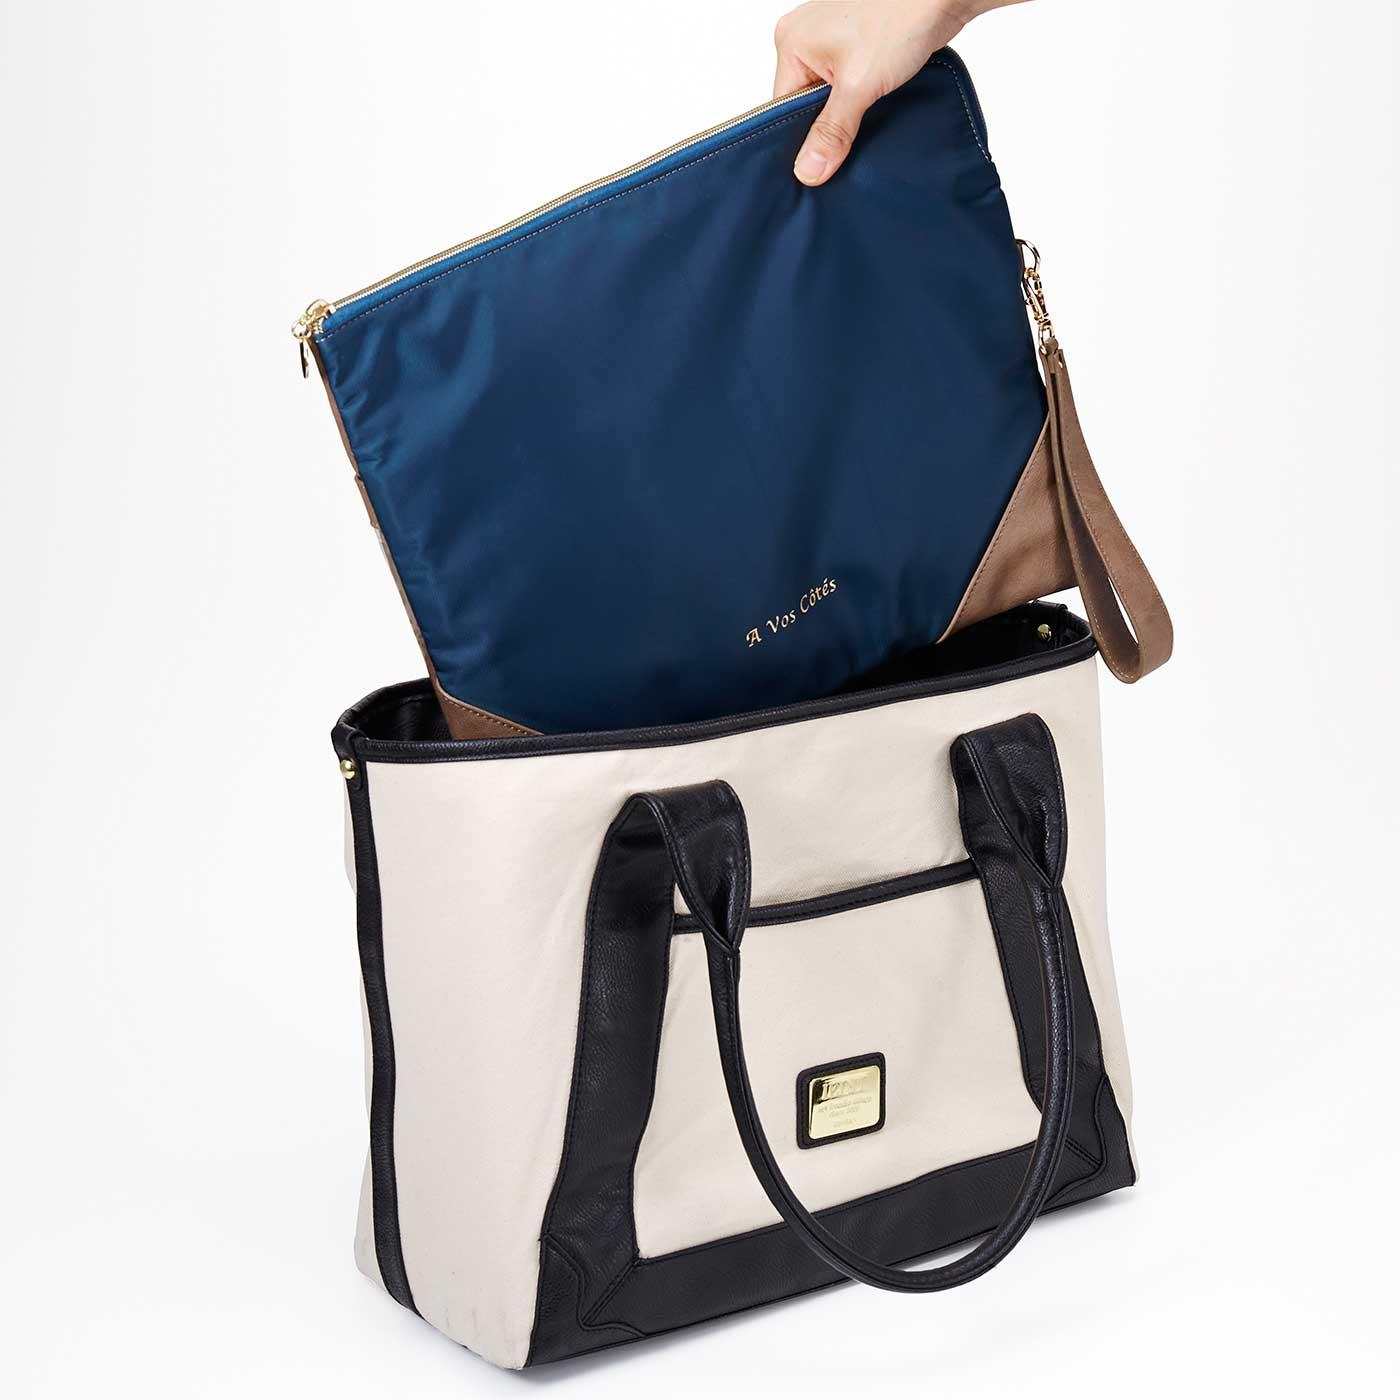 打ち合わせに必要なものを入れておけば、バッグからさっととりだせます。